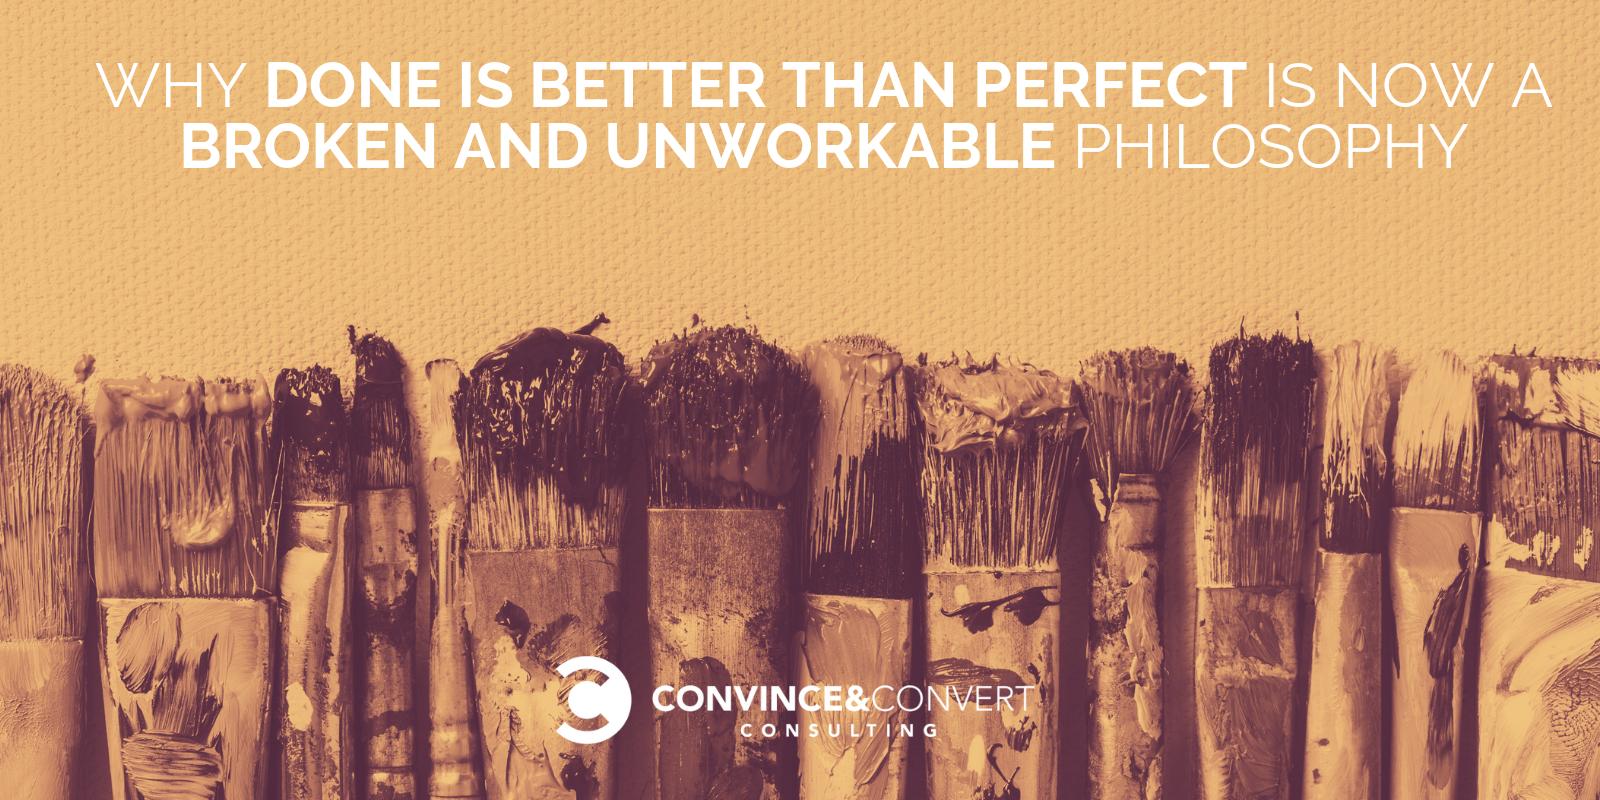 Fatto è meglio che perfetto è ora una filosofia spezzata